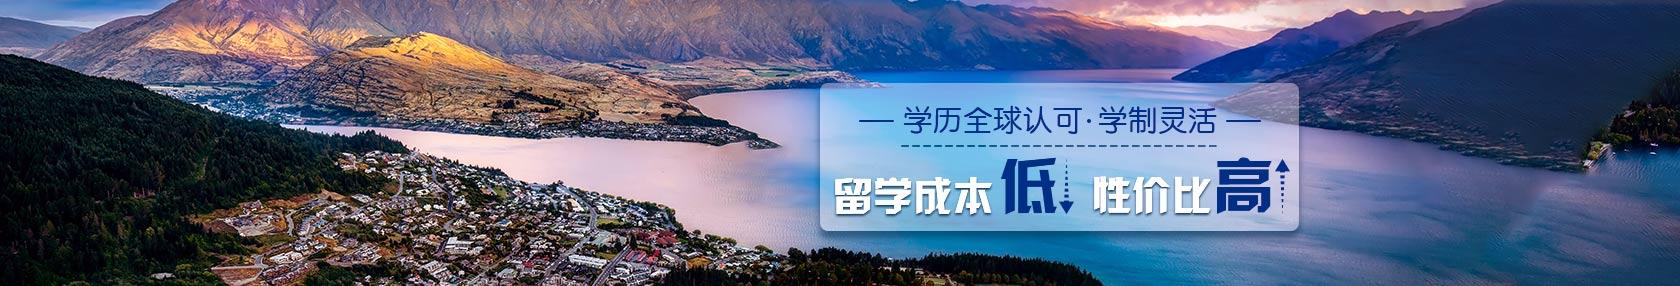 新西兰研究生,新西兰研究生留学,新西兰研究生申请,新西兰研究生条件,新西兰研究生费用,新西兰研究生移民,新西兰研究生要求,环球出国